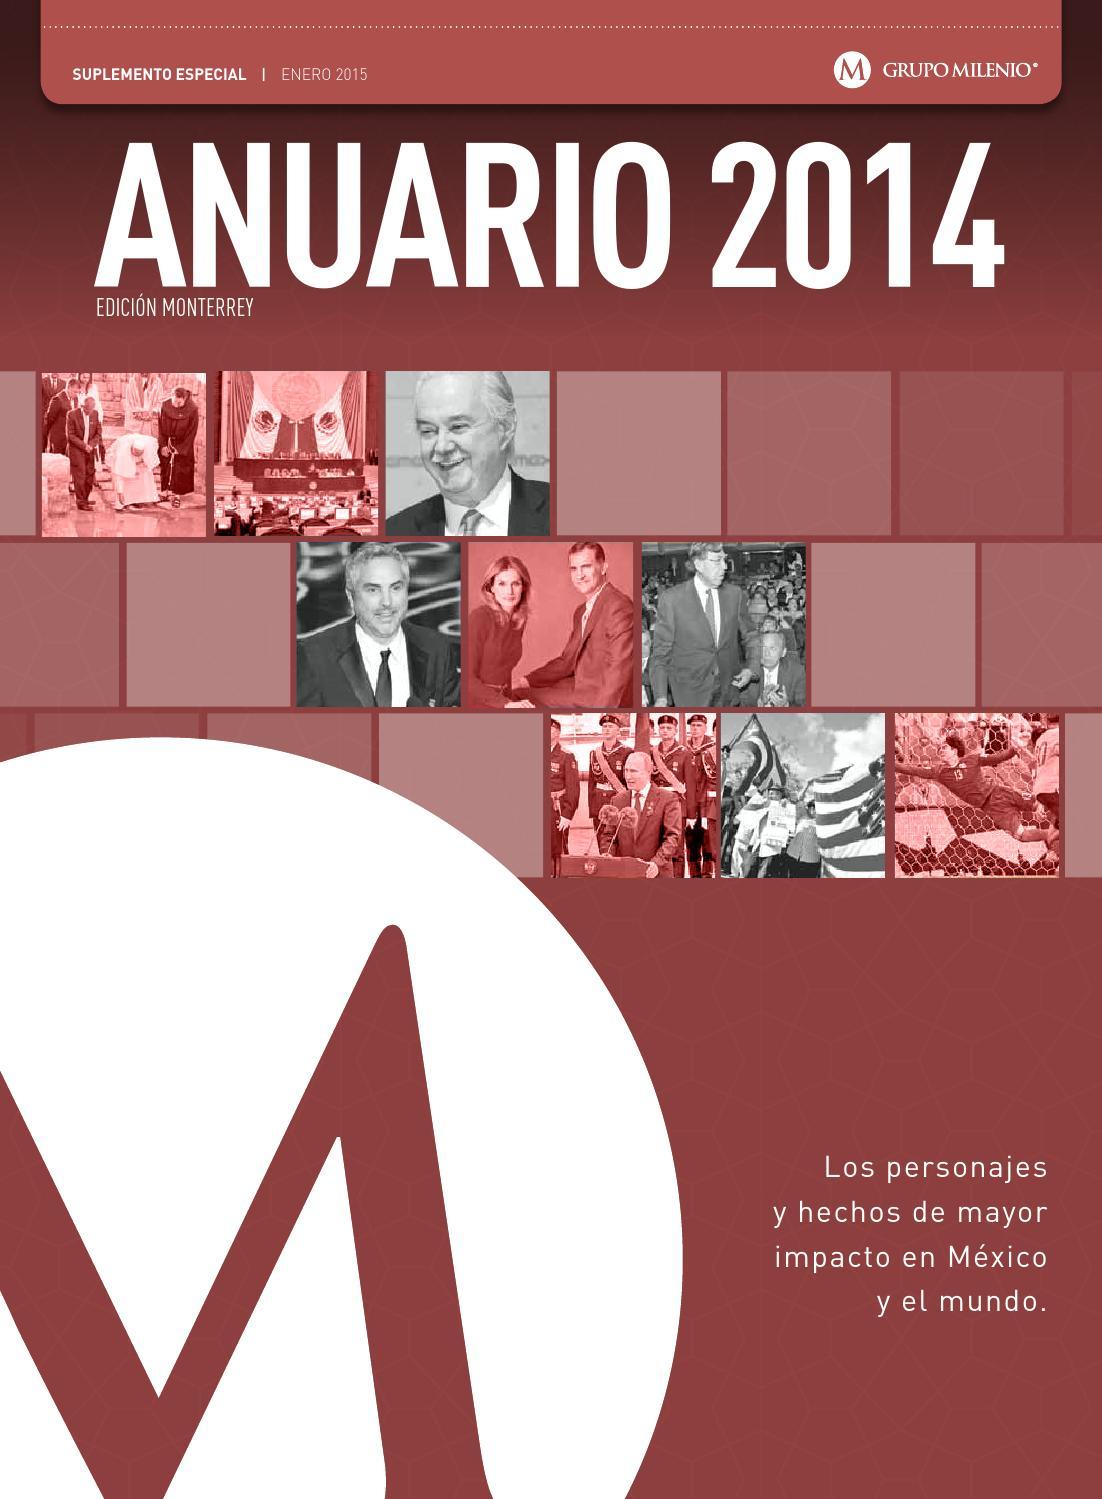 ANUARIO 2014 by Milenio Diario Monterrey - issuu